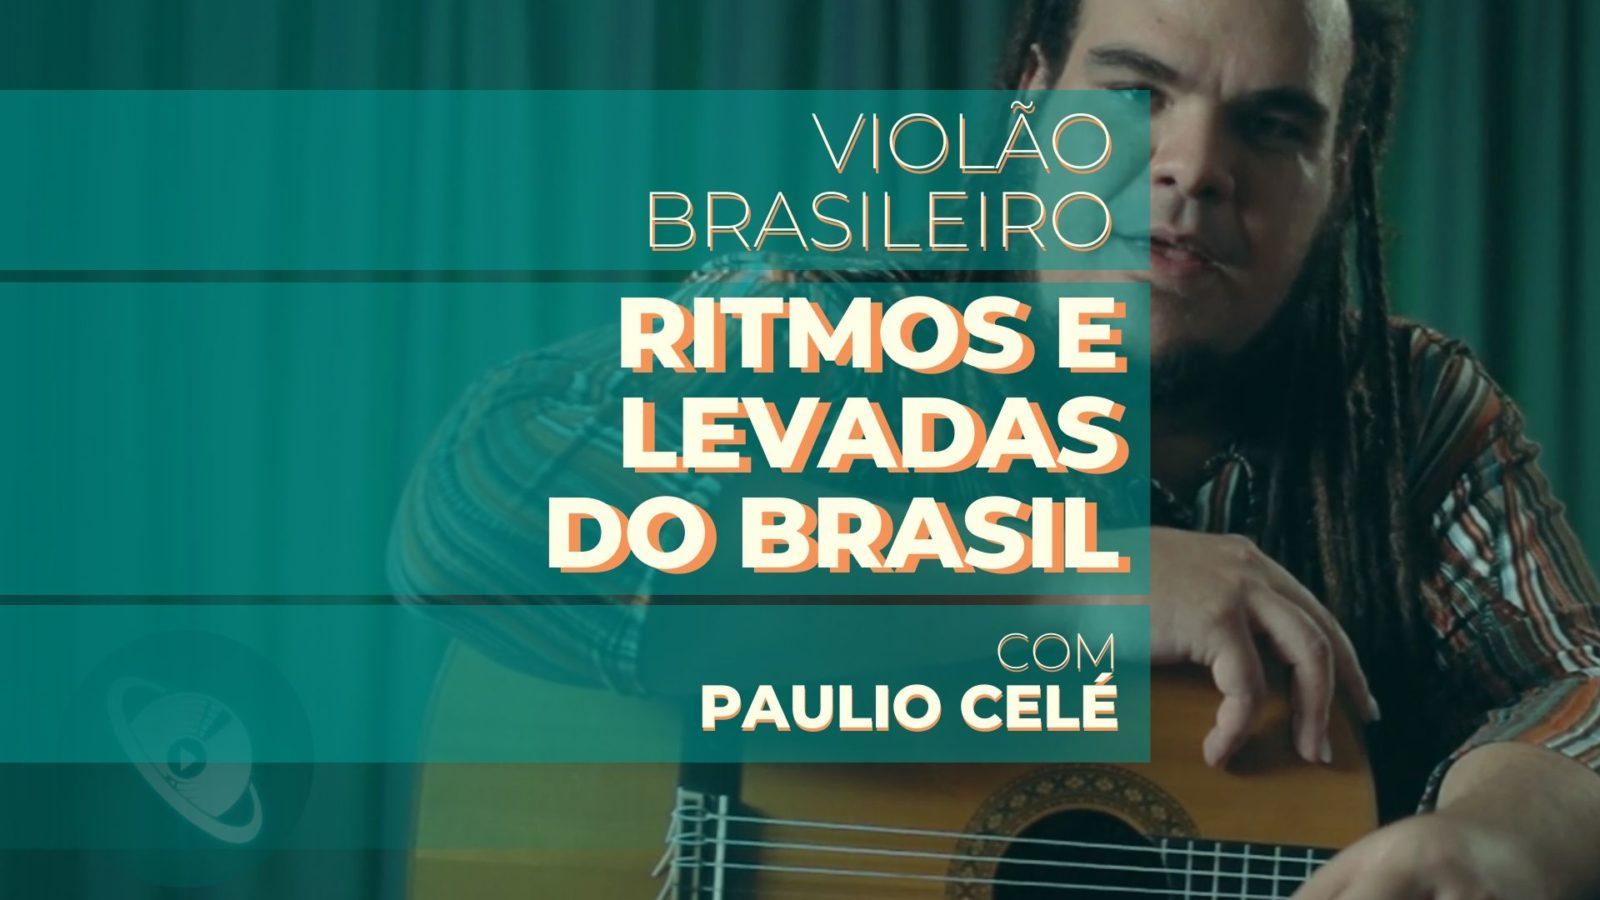 Aprenda Violão Brasileiro com Paulio Celé - Planeta Música